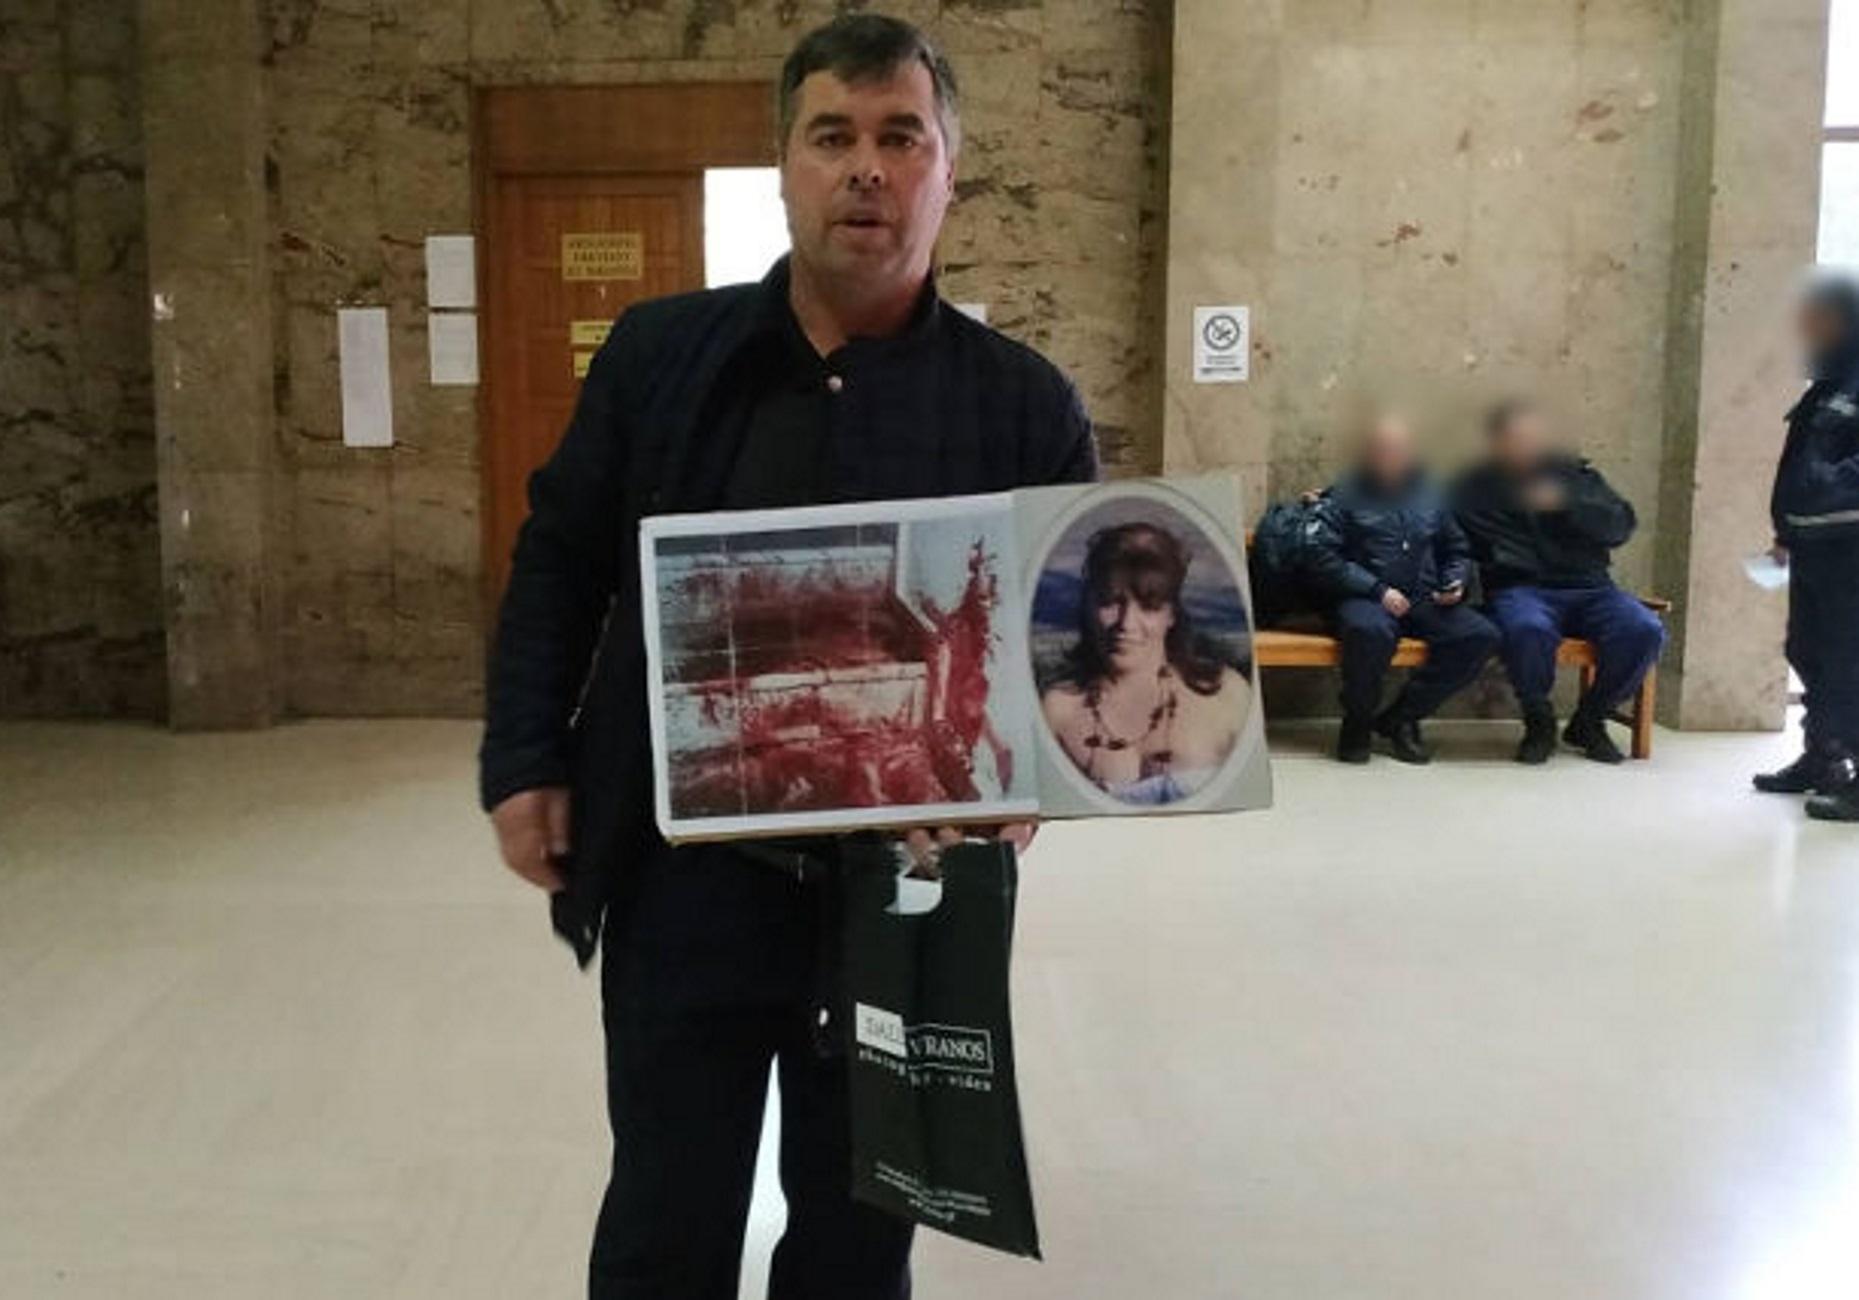 Κοζάνη: Σκότωσε τη γυναίκα του και το έκανε να φανεί ως δυστύχημα – Στον Άρειο Πάγο το πολύκροτο έγκλημα